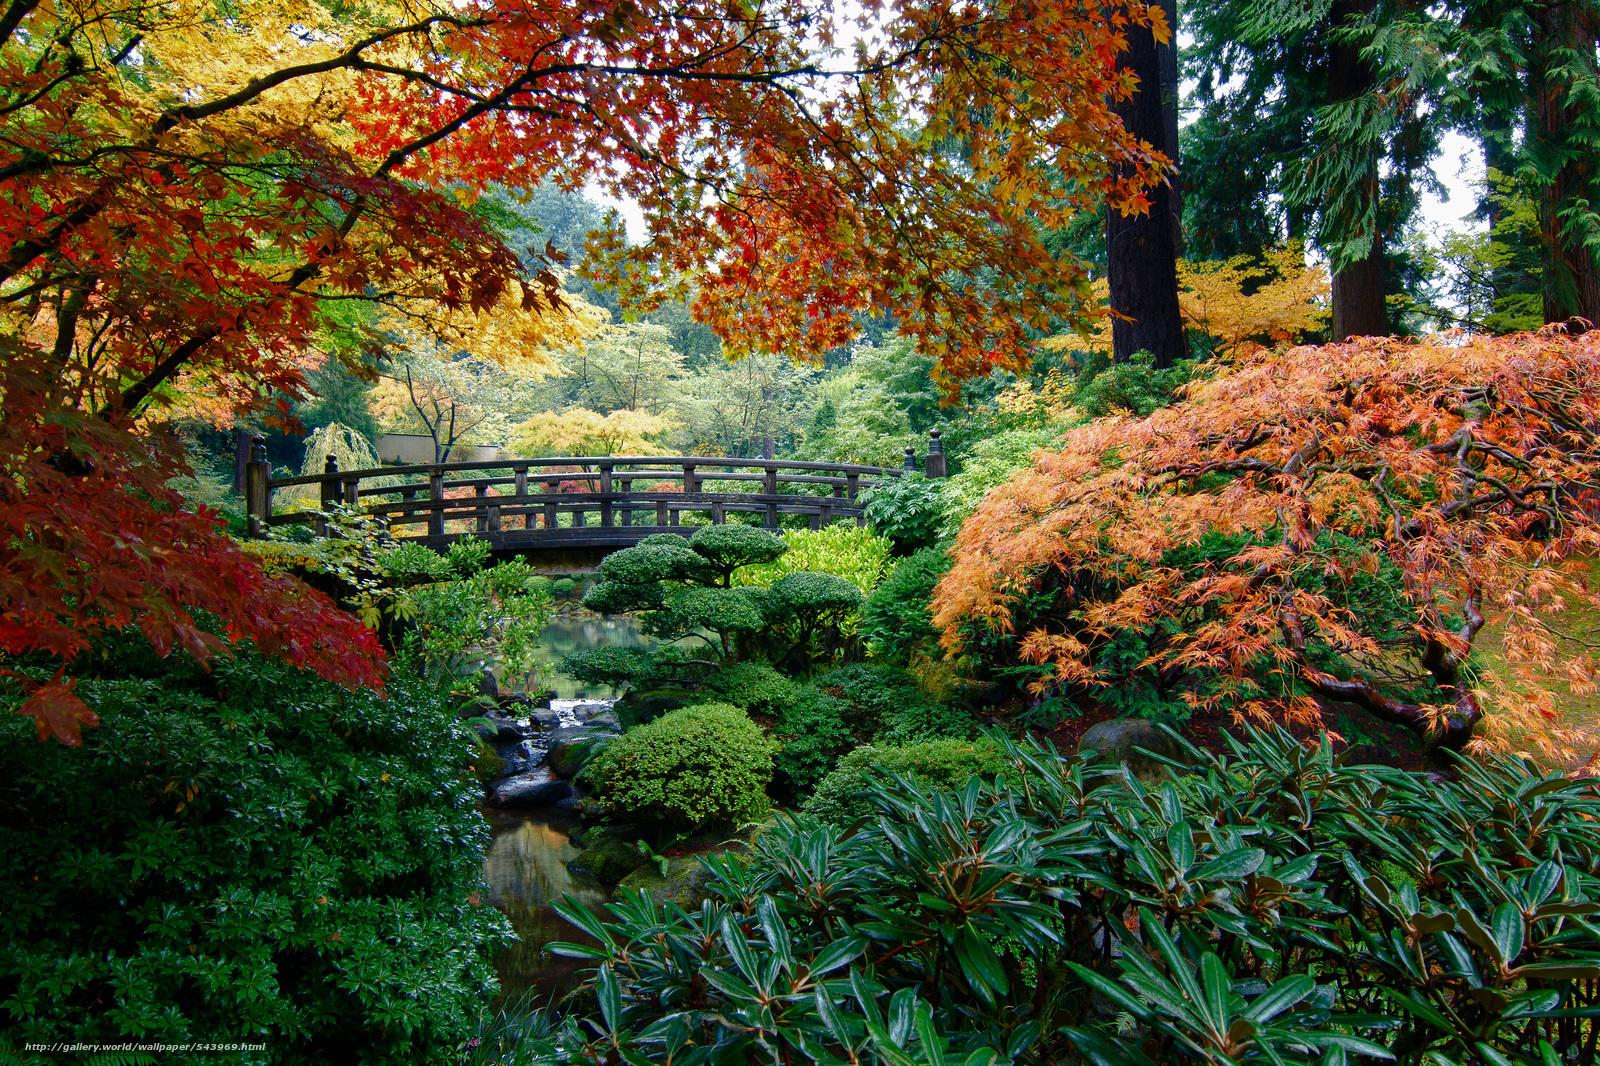 Tlcharger fond d 39 ecran jardin japonais portland arbres for Jardin japonais fond d ecran